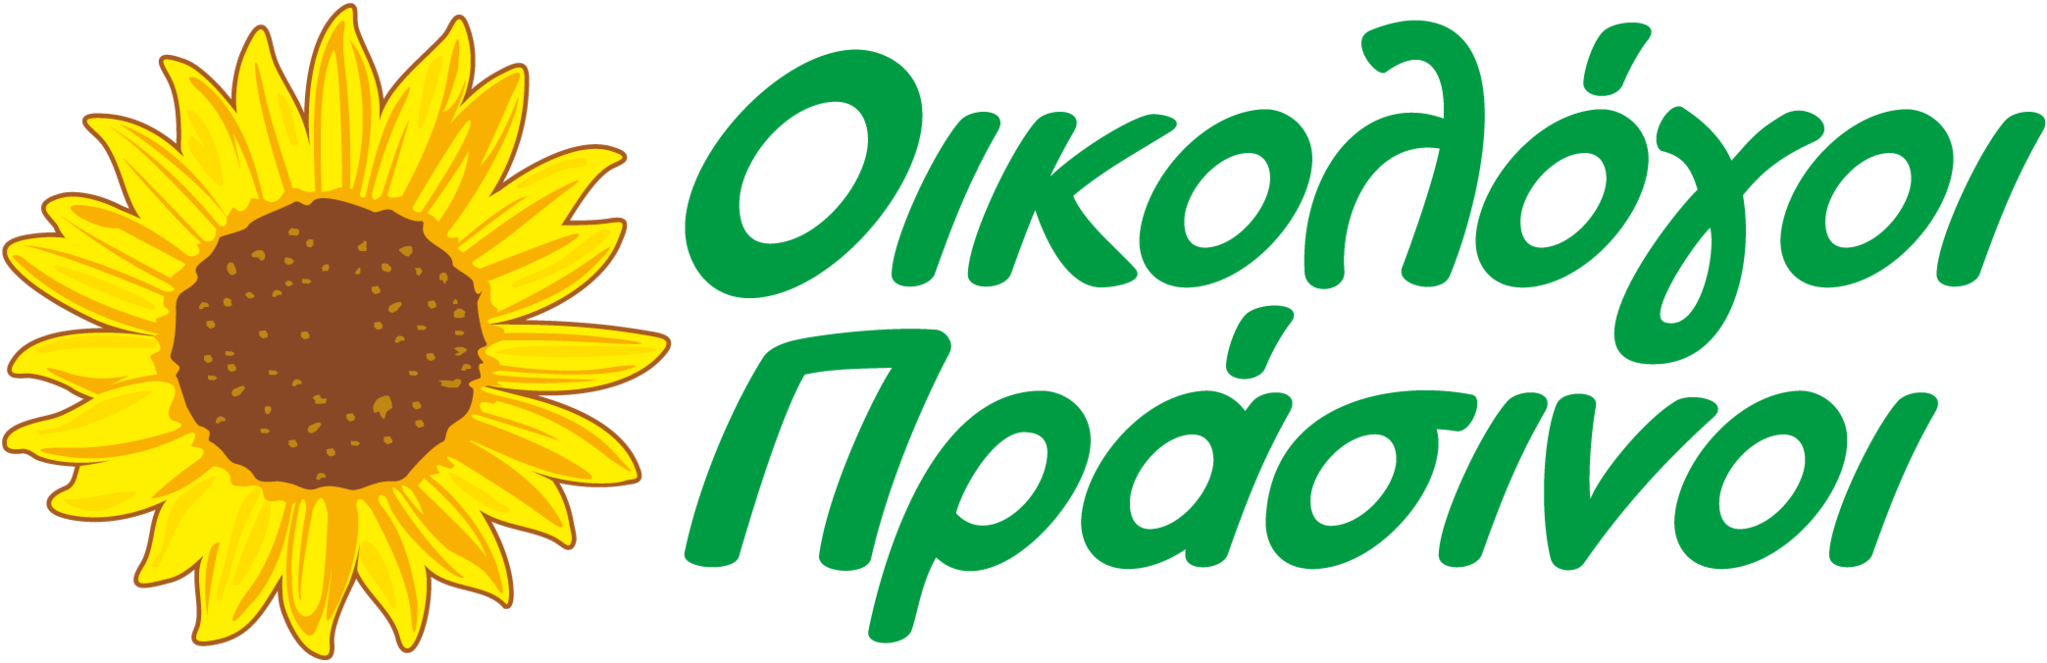 Oikologoi_Prasinoi_Logo_2009_2